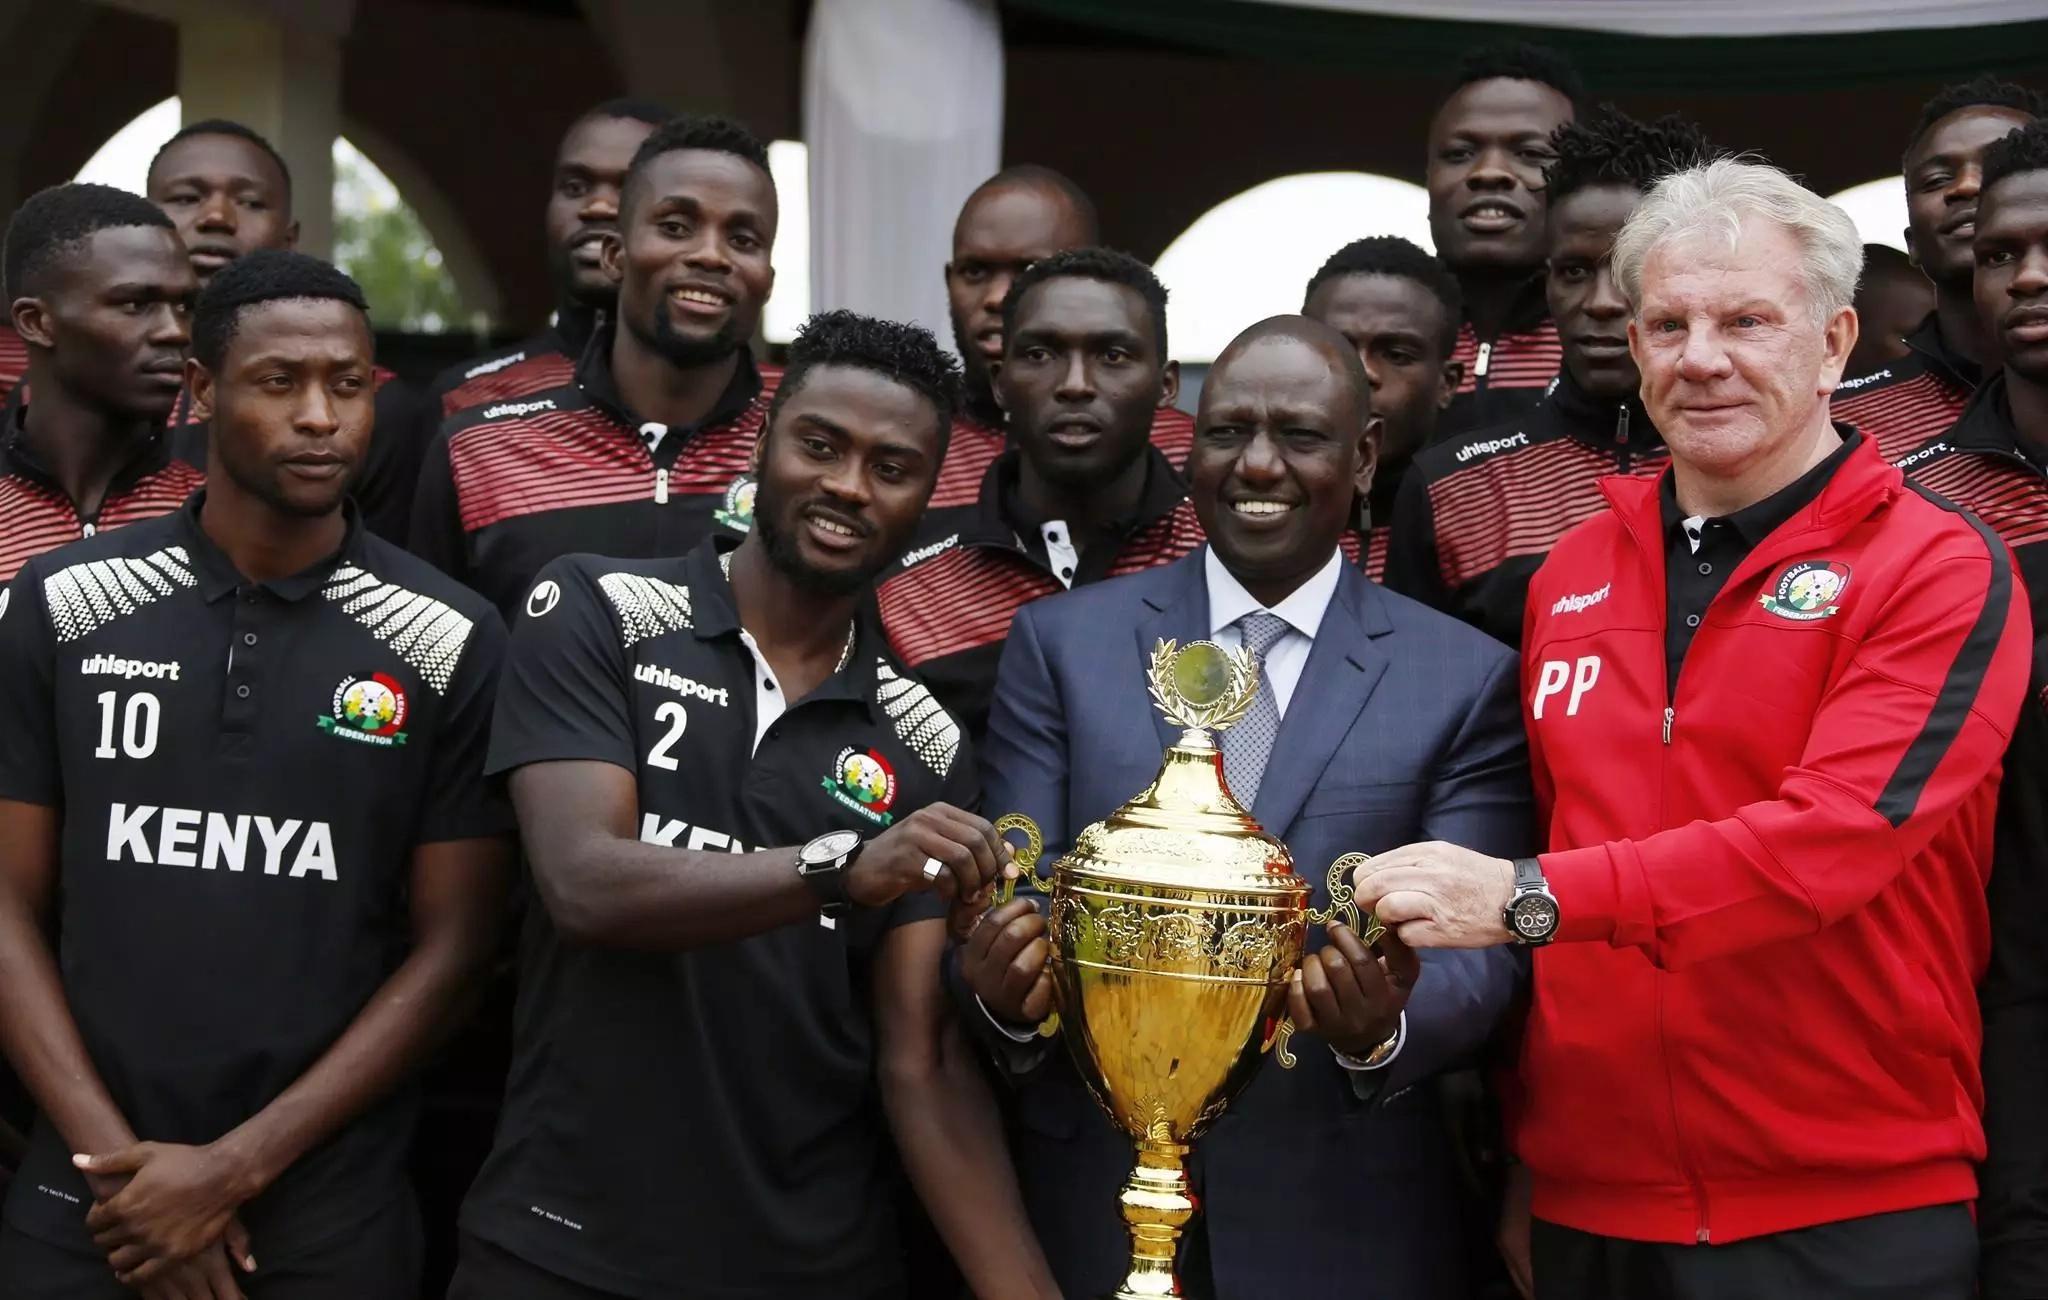 William Ruto aiahidi Harambee Stars basi jipya na Kshs 50 milioni